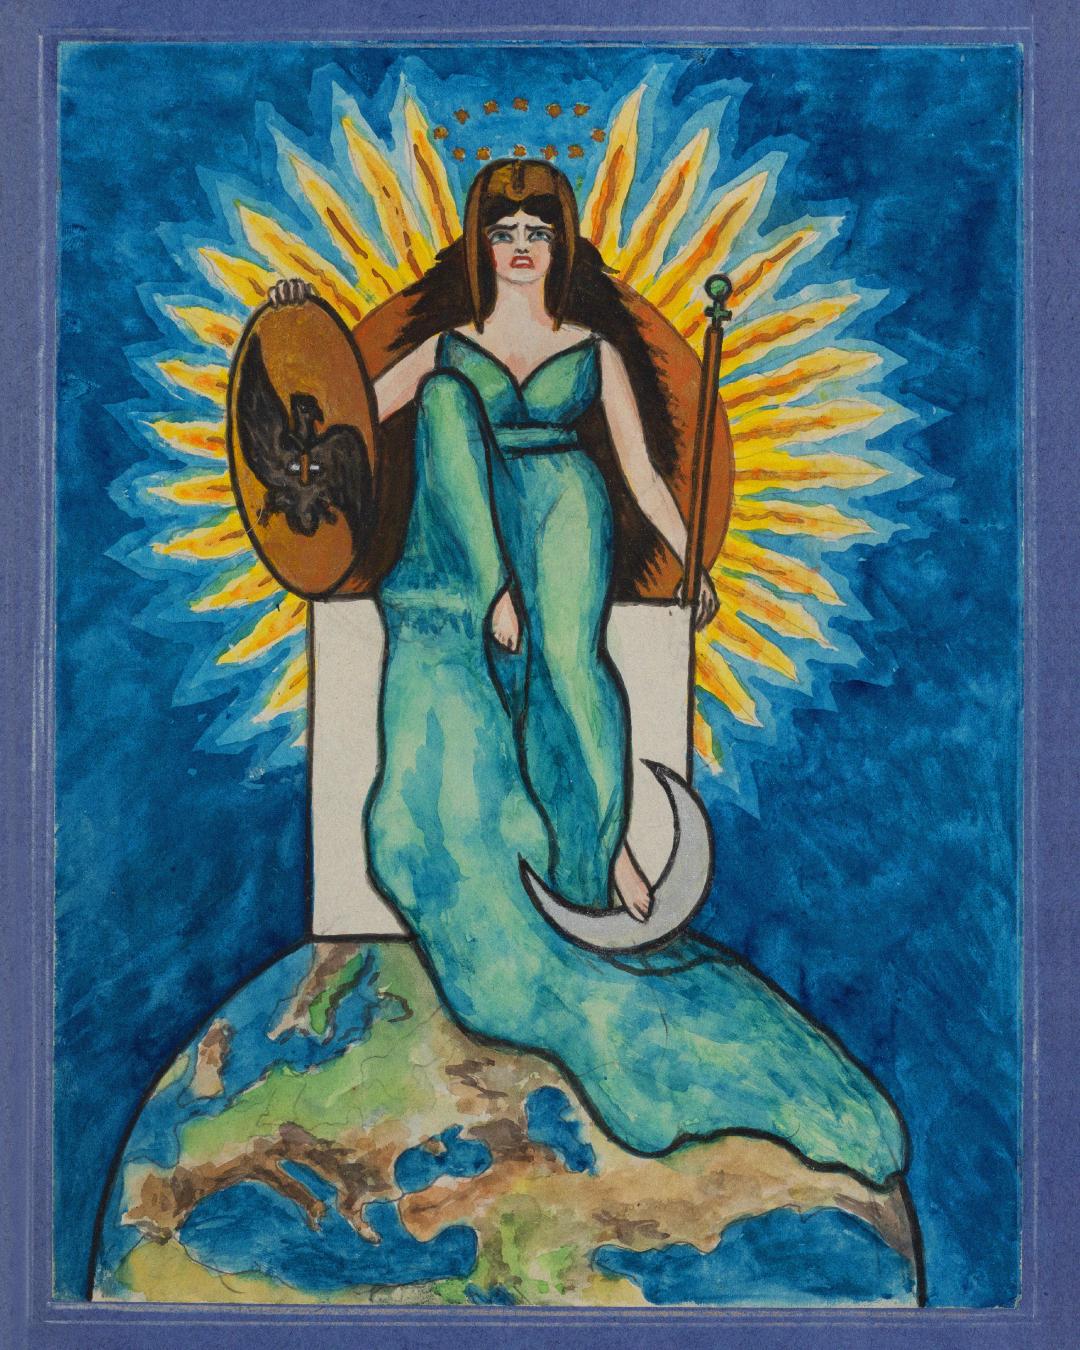 Коллекция «Идеограммы мажорных арканов таро» изсобрания Государственного музея истории религии.